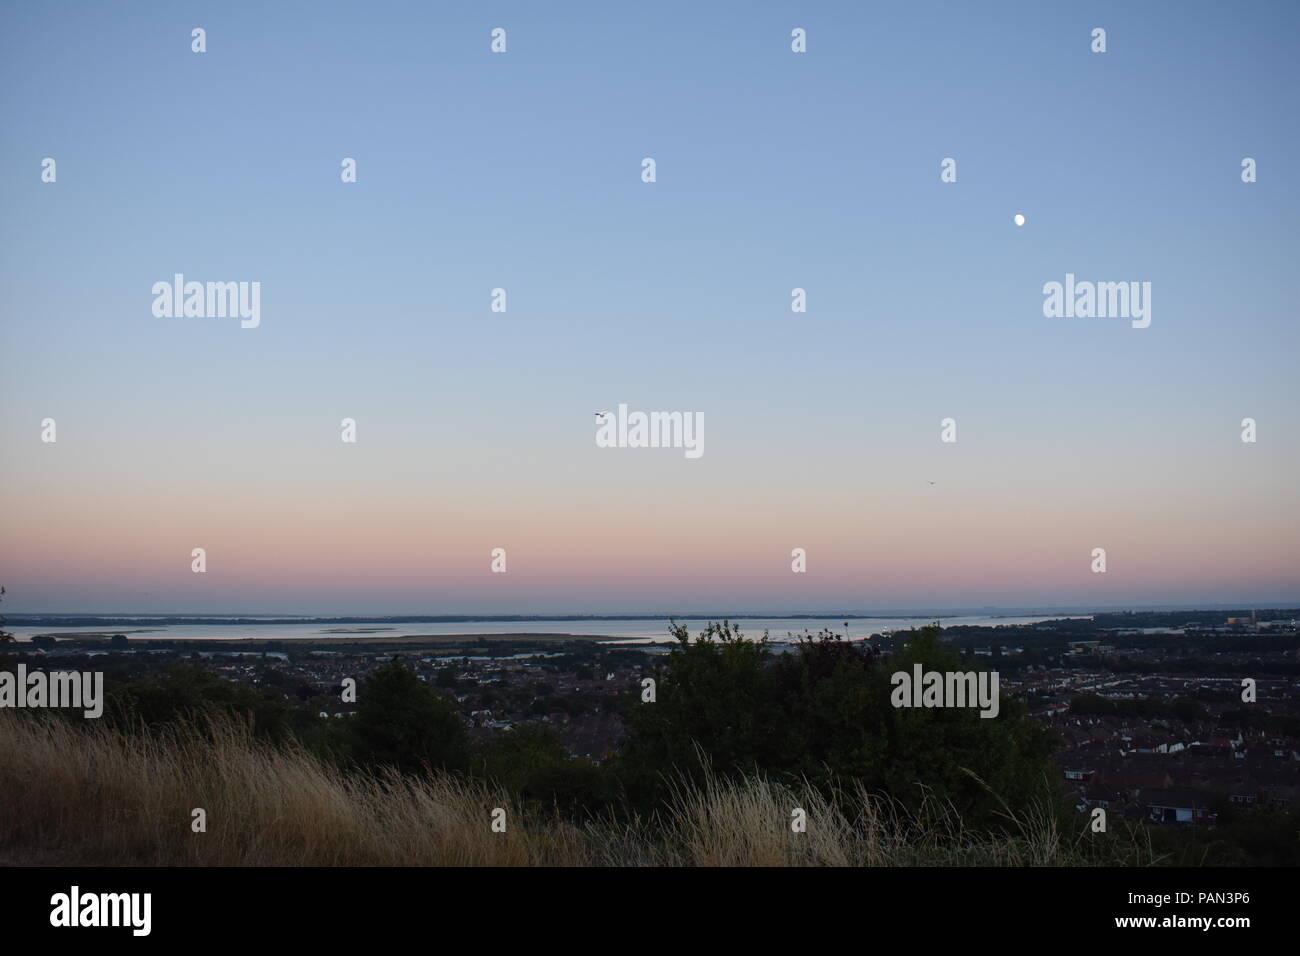 Sunset over Portsmouth, Hampshire, England, UK - Stock Image